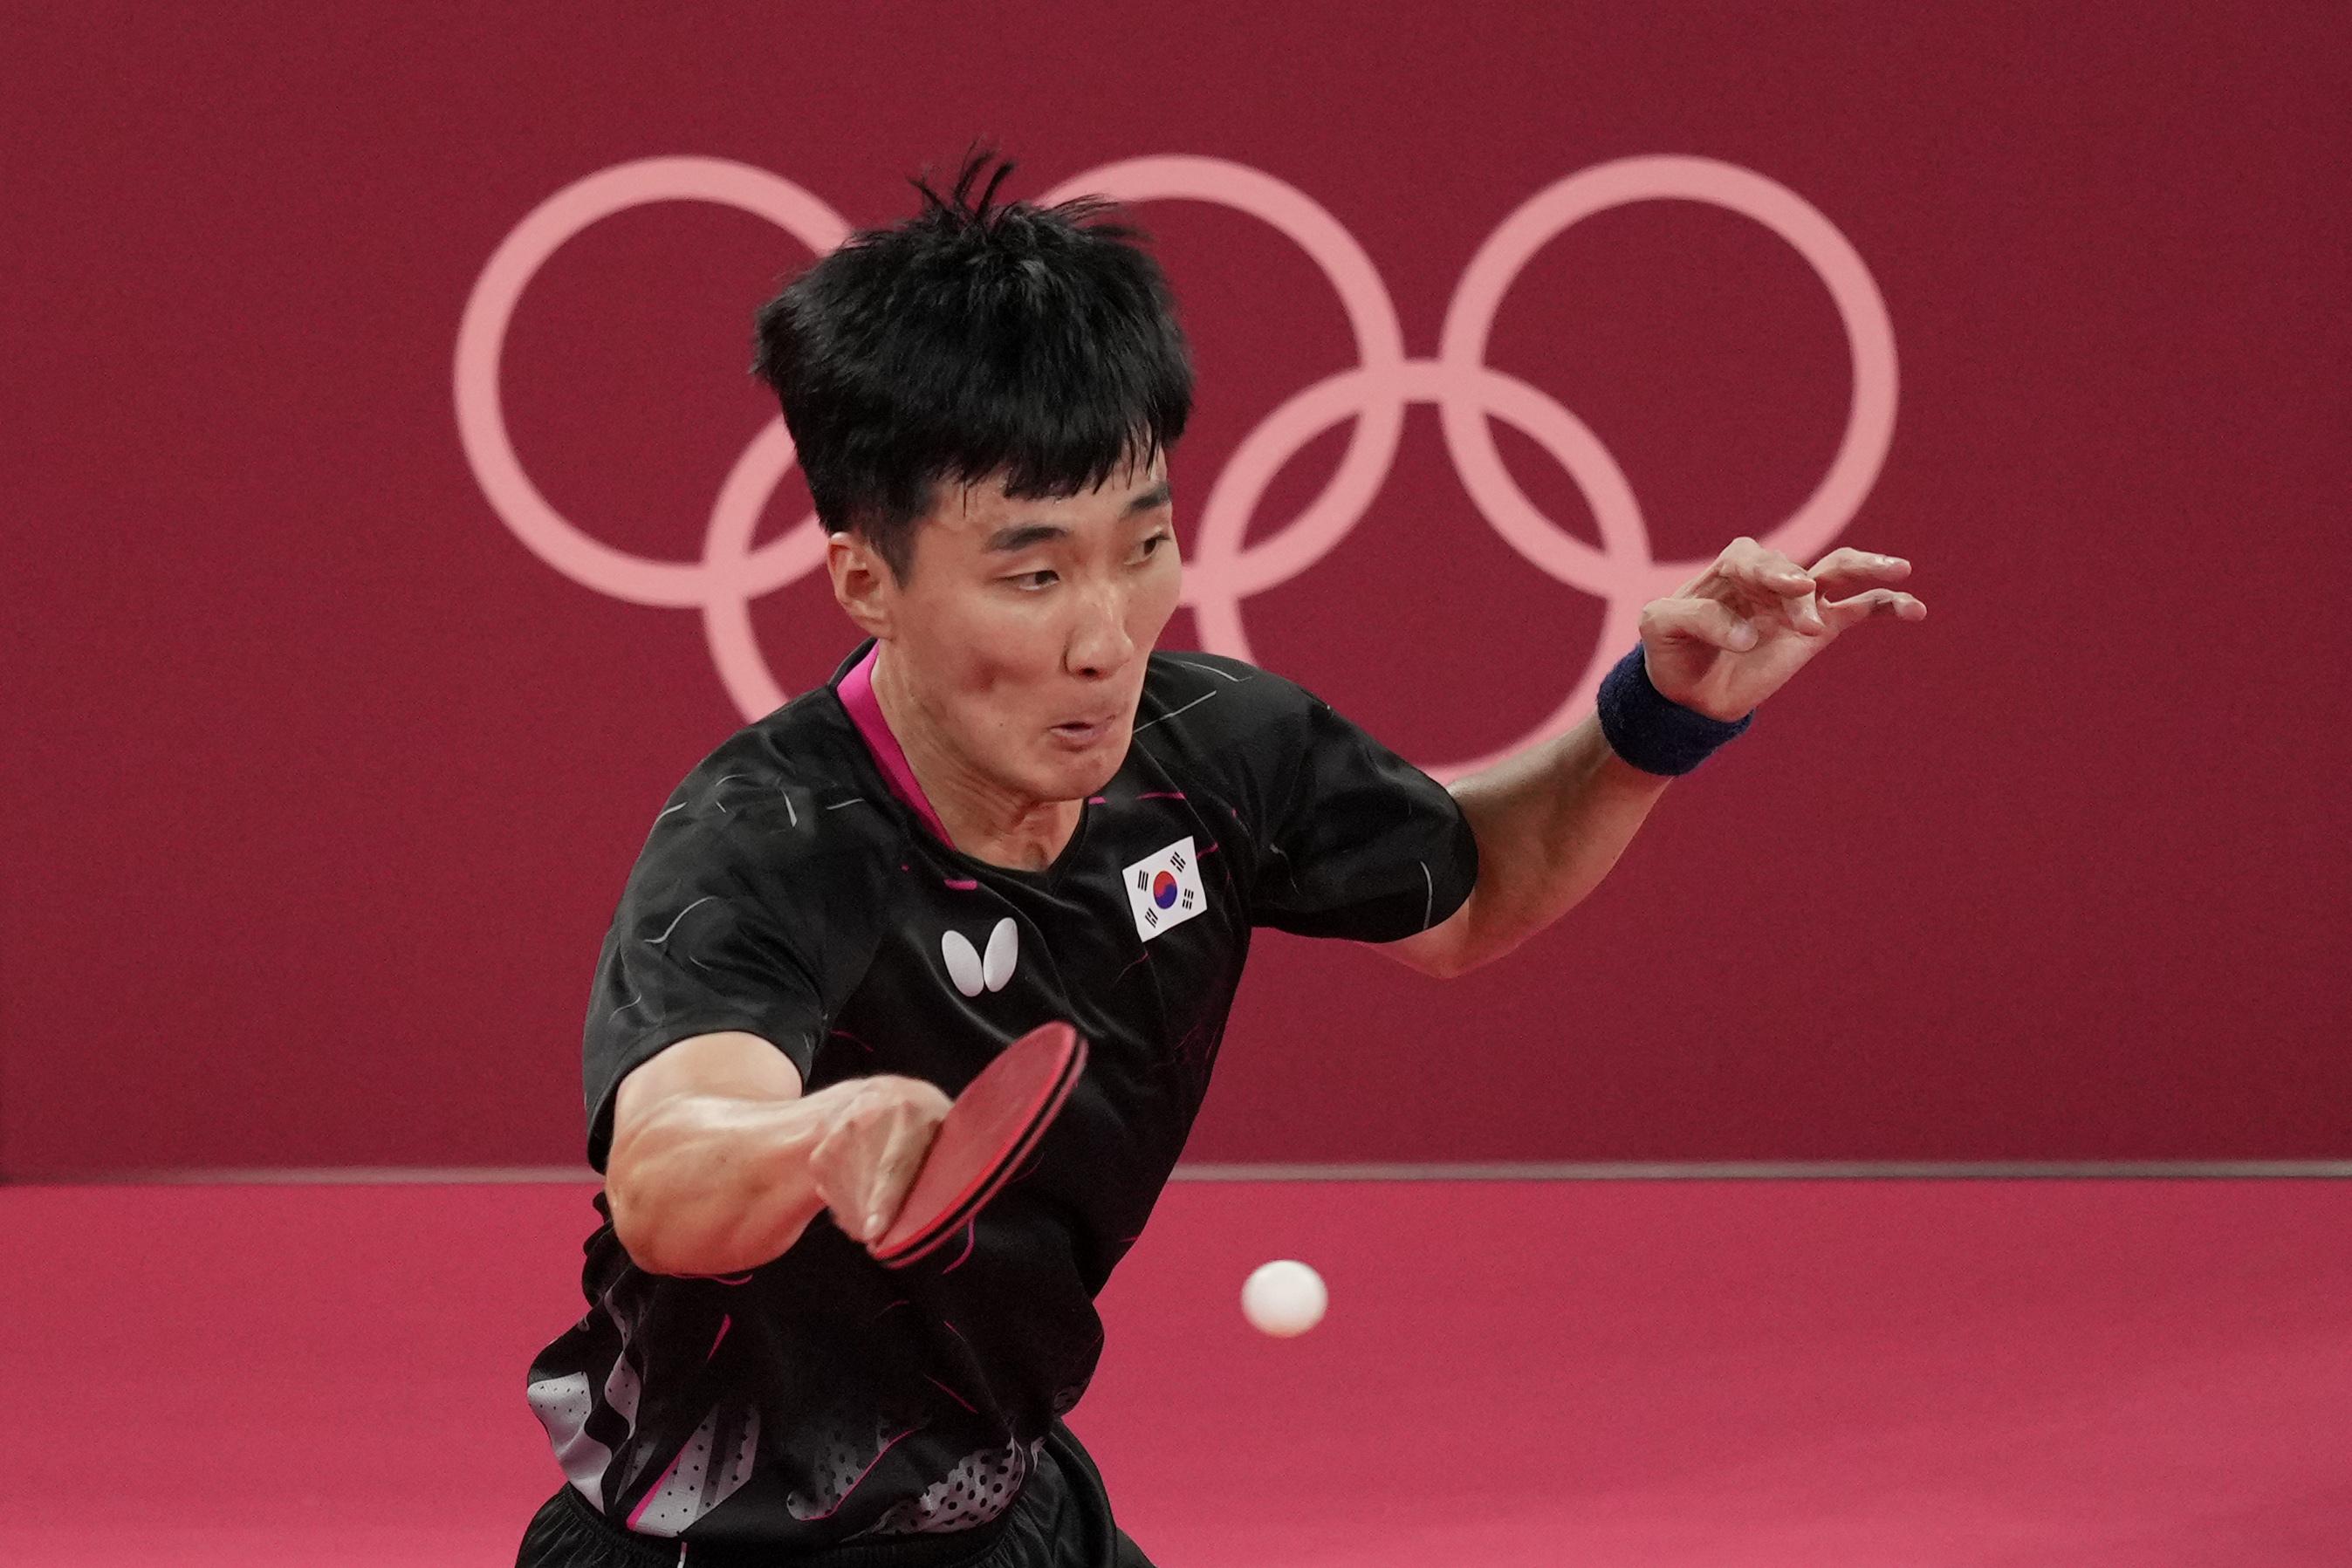 韩国选手李尚洙。